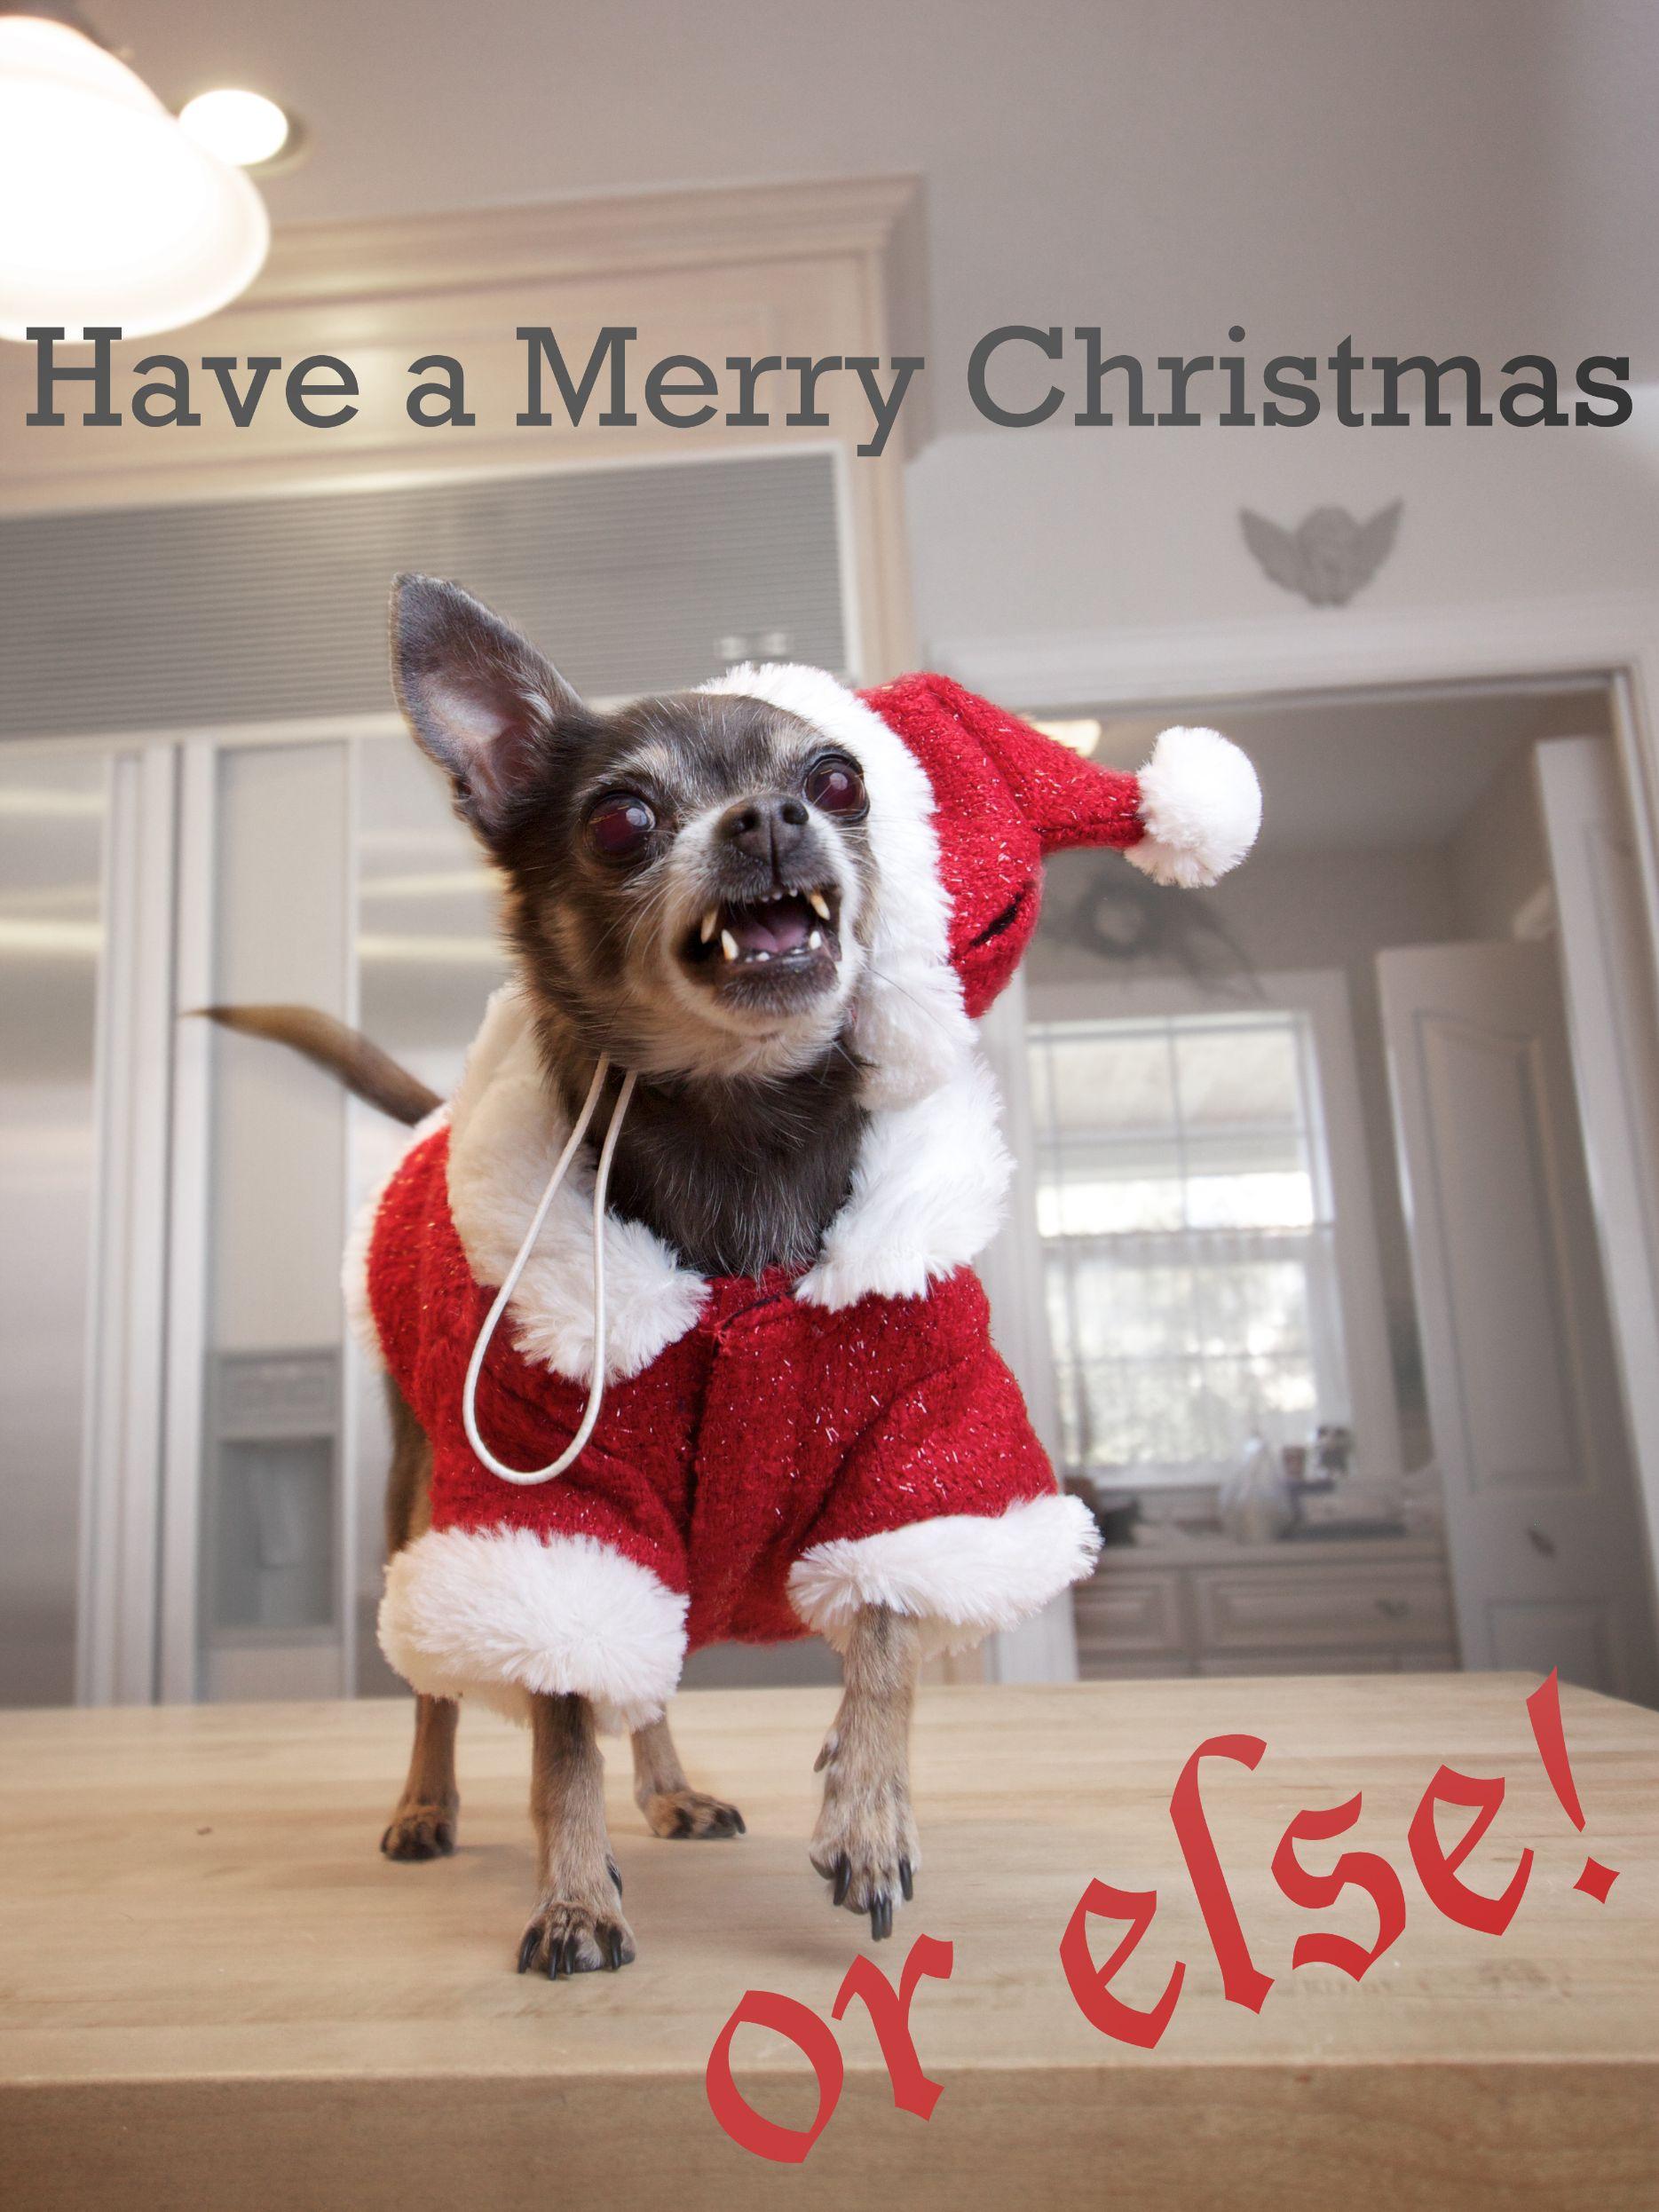 393421_141953138142_satanic-merry-christmas-dog.jpg